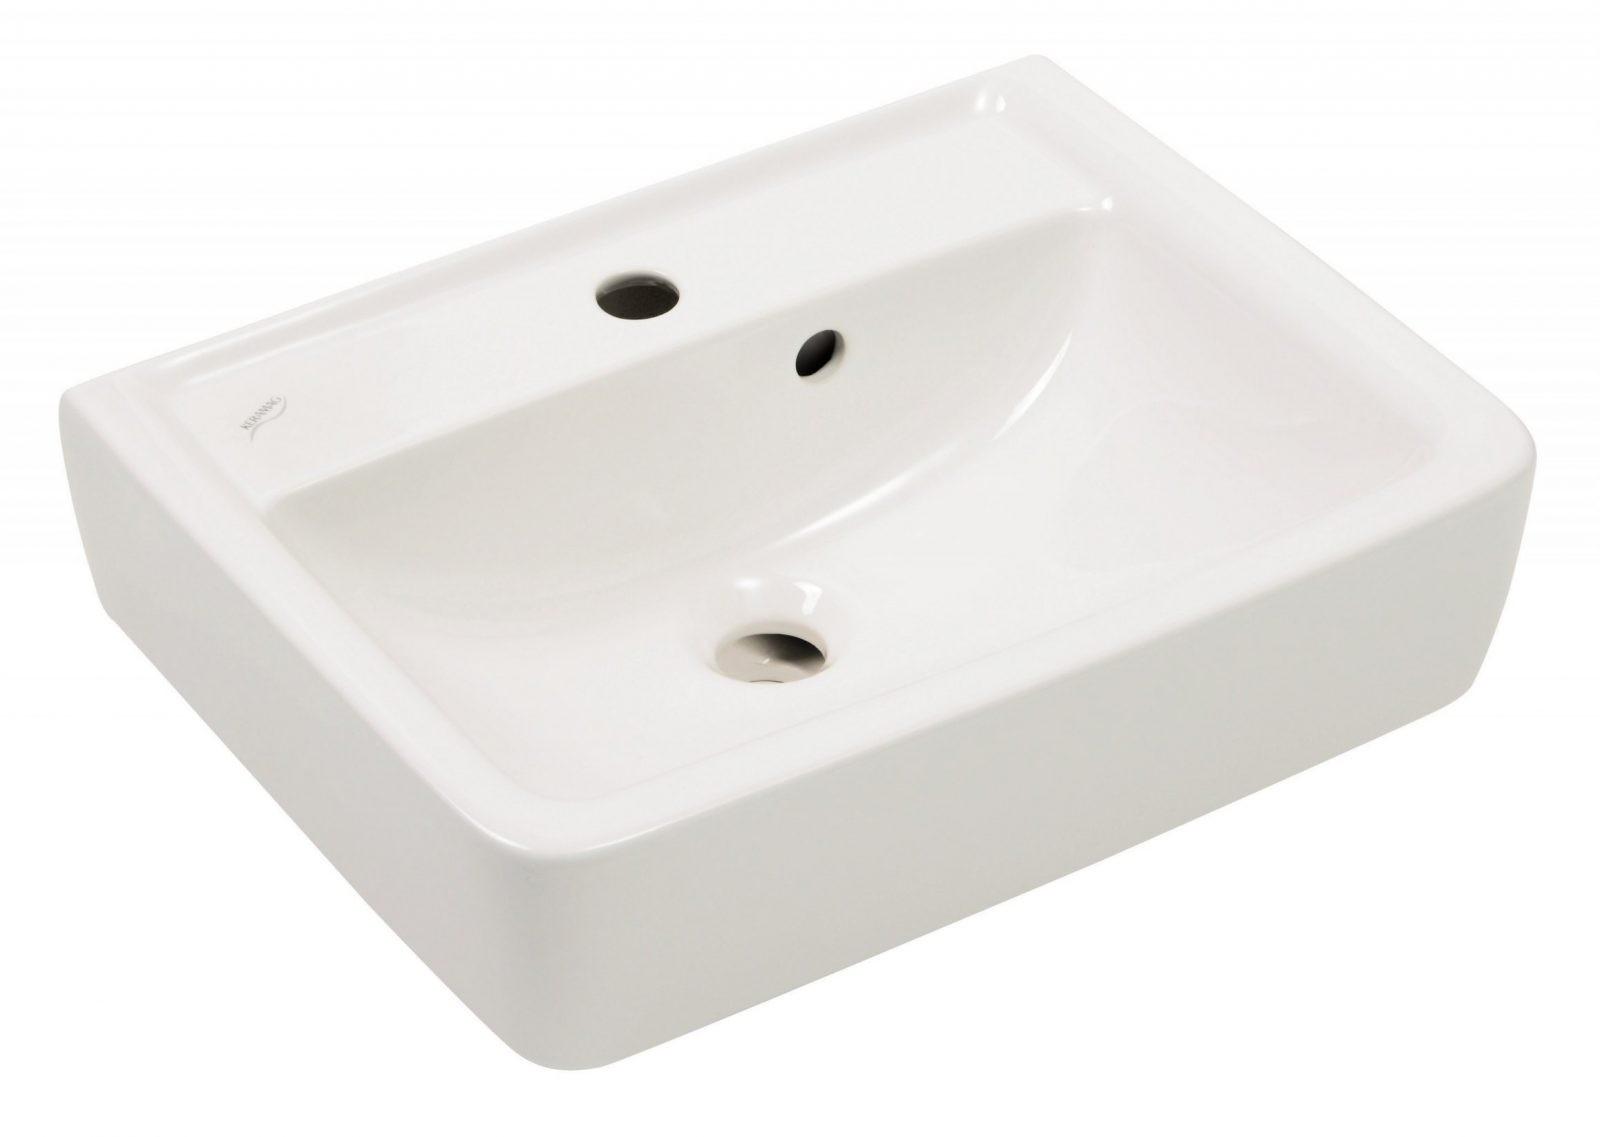 Handwaschbecken  Kleine Waschbecken Bei Calmwaters von Waschbecken 35 Cm Tief Bild